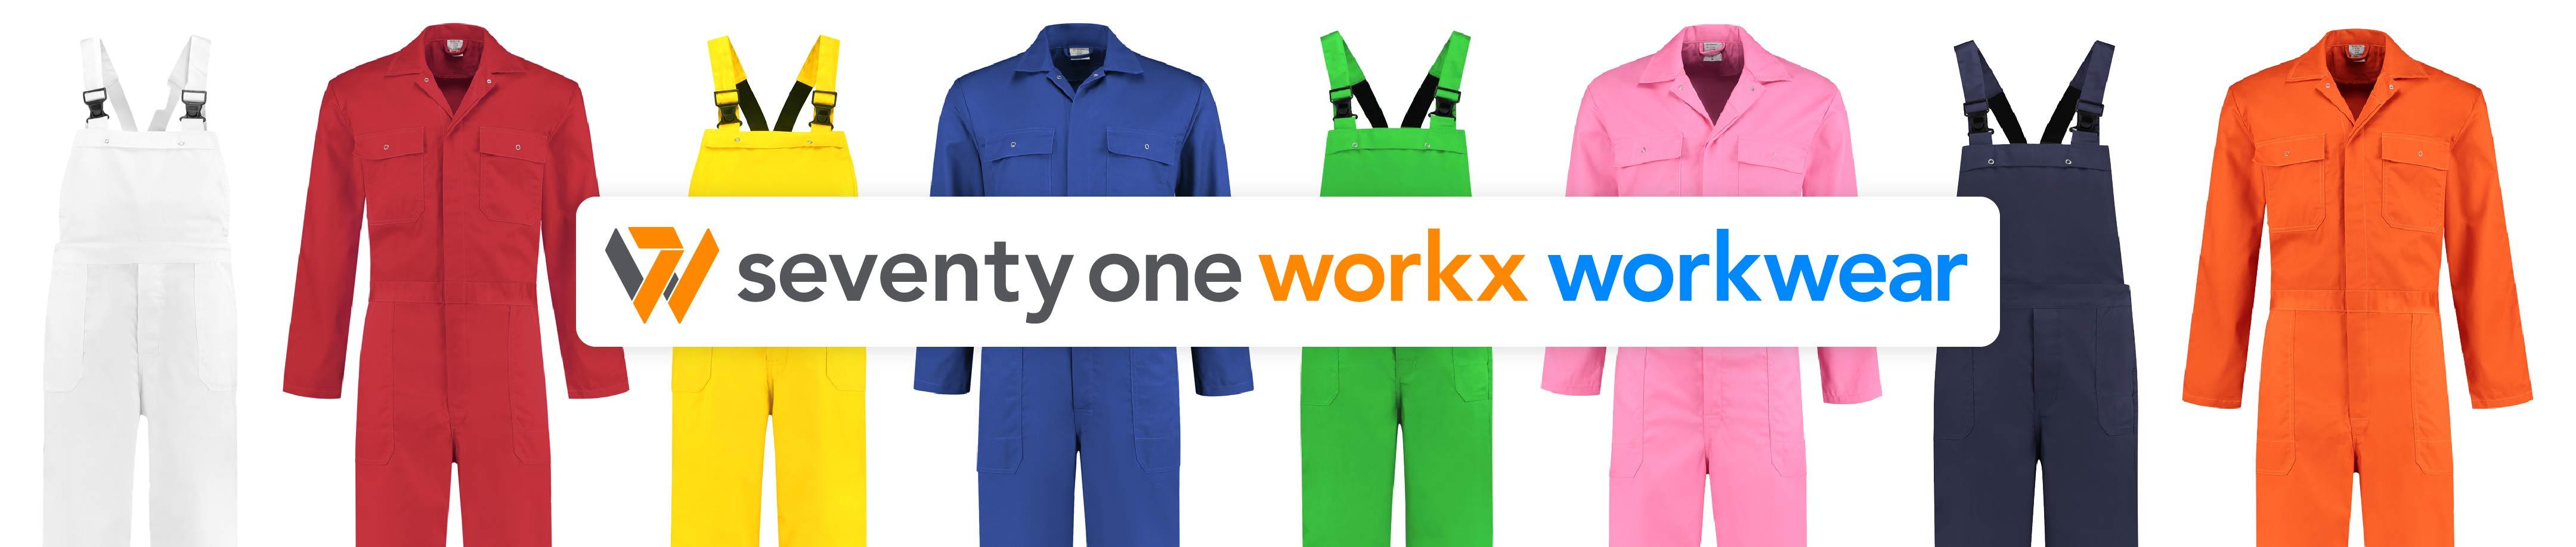 71Workx werkkleding